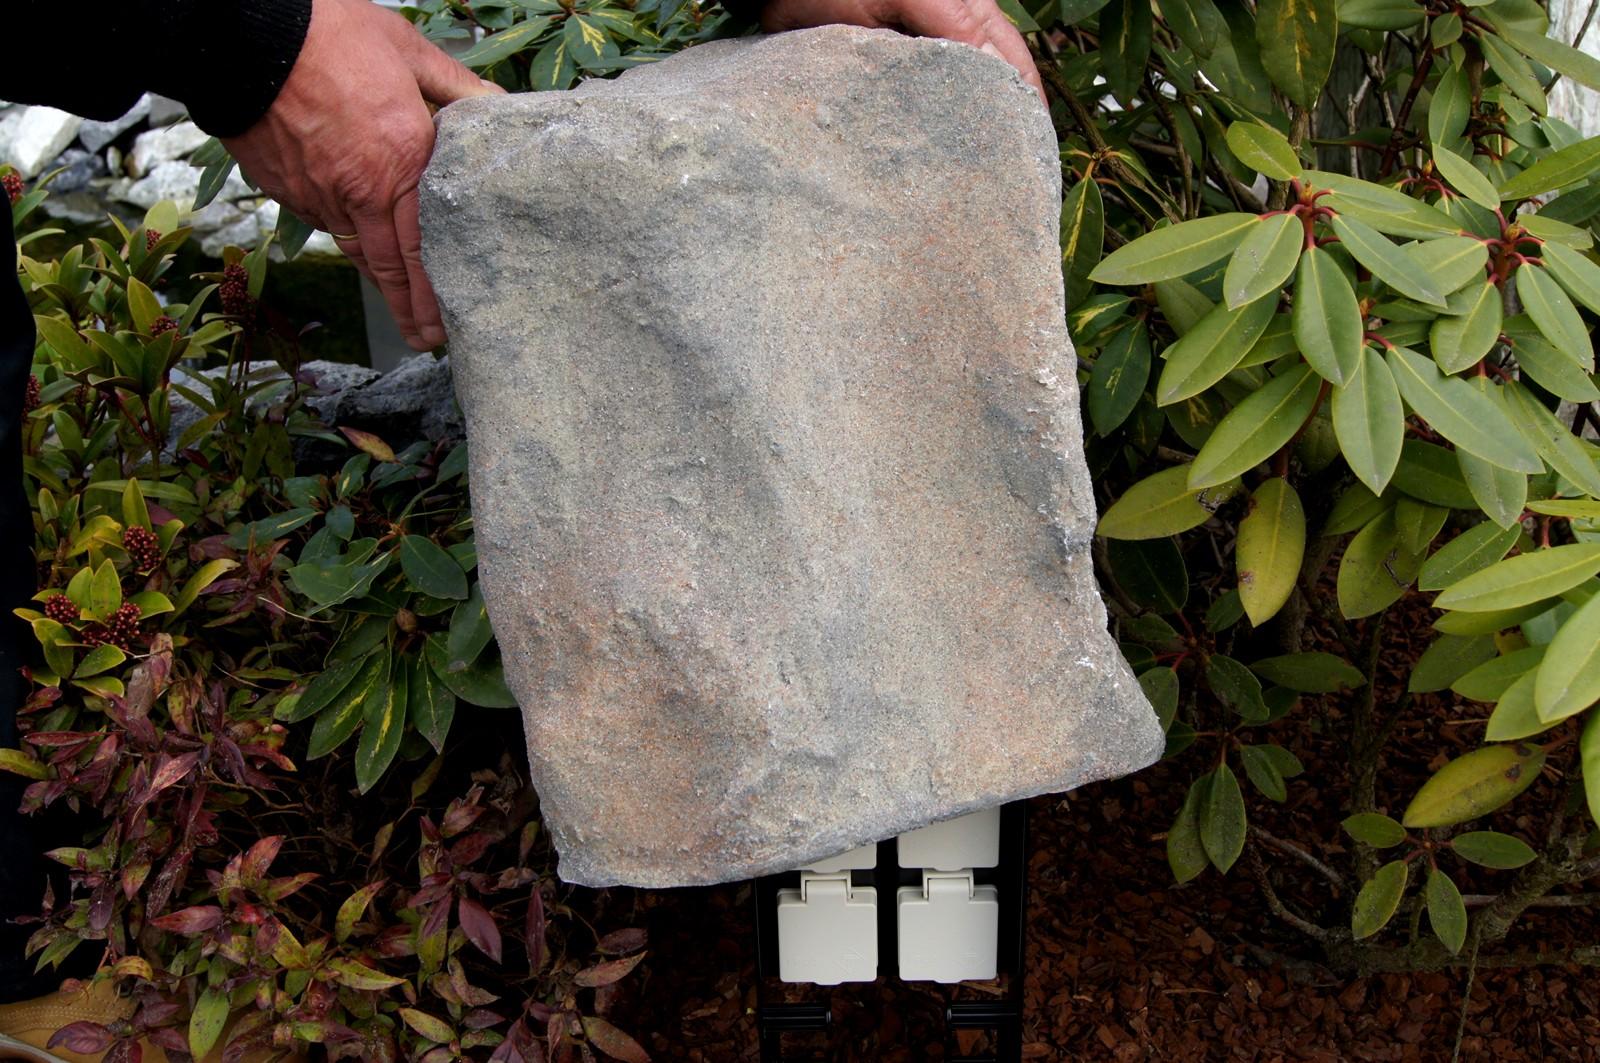 abdeckstein f r oase fm master granit strom im garten oase oase teichshop. Black Bedroom Furniture Sets. Home Design Ideas